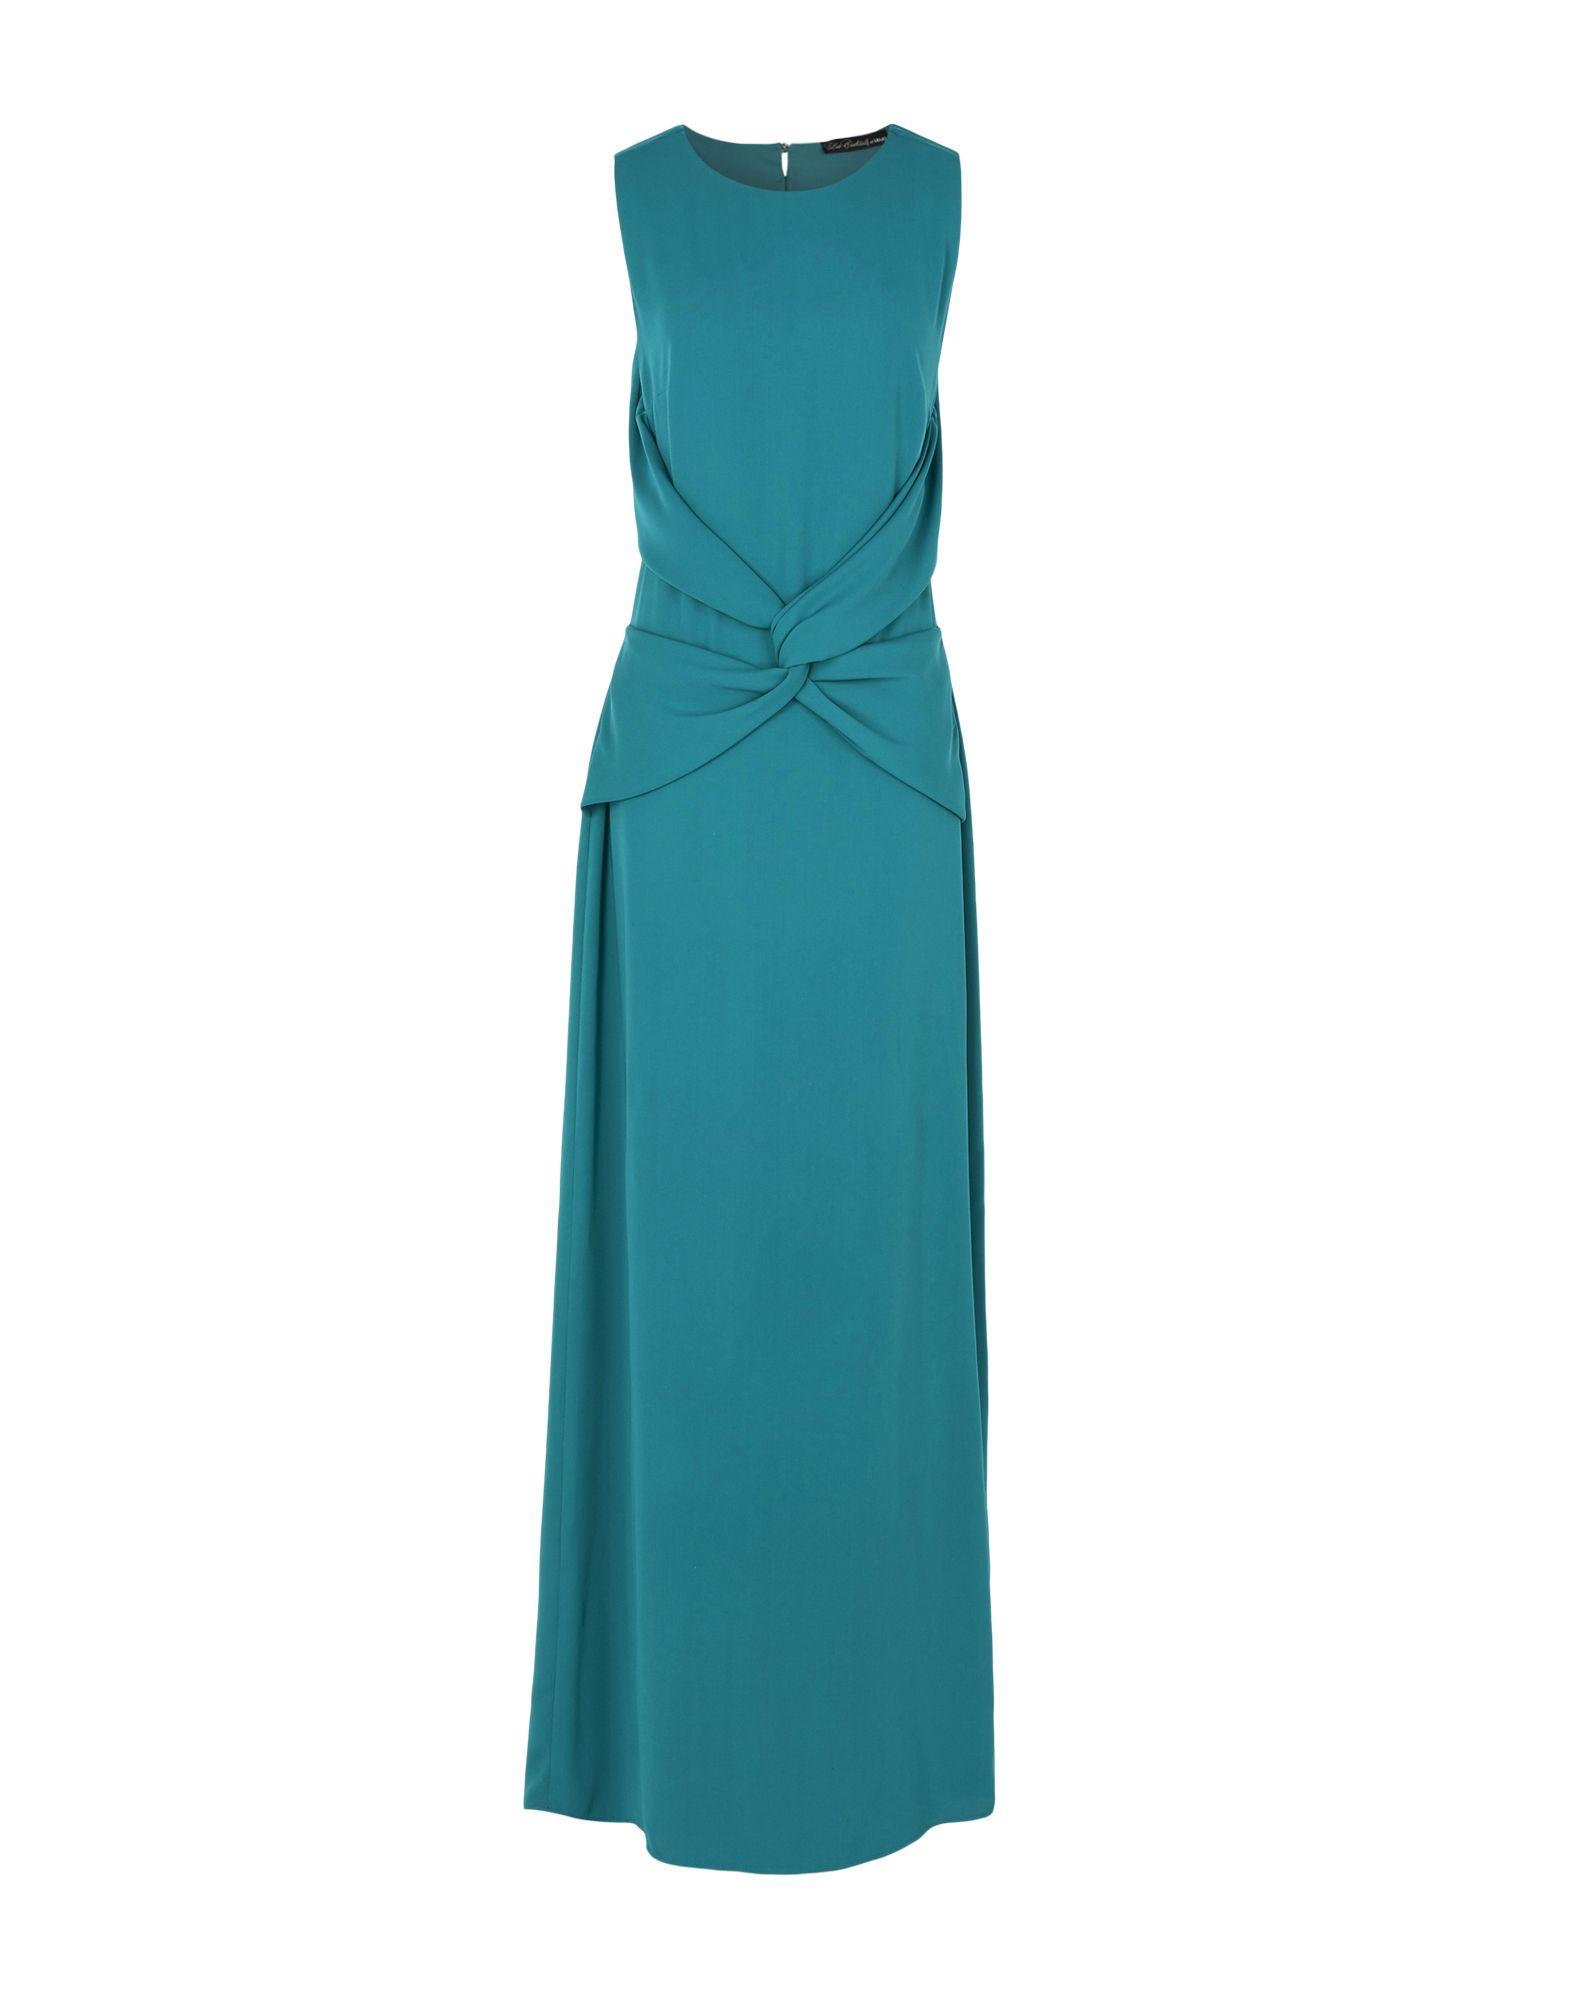 LES COCKTAILS DE LIU •JO Damen Langes Kleid Farbe Tūrkis Größe 5